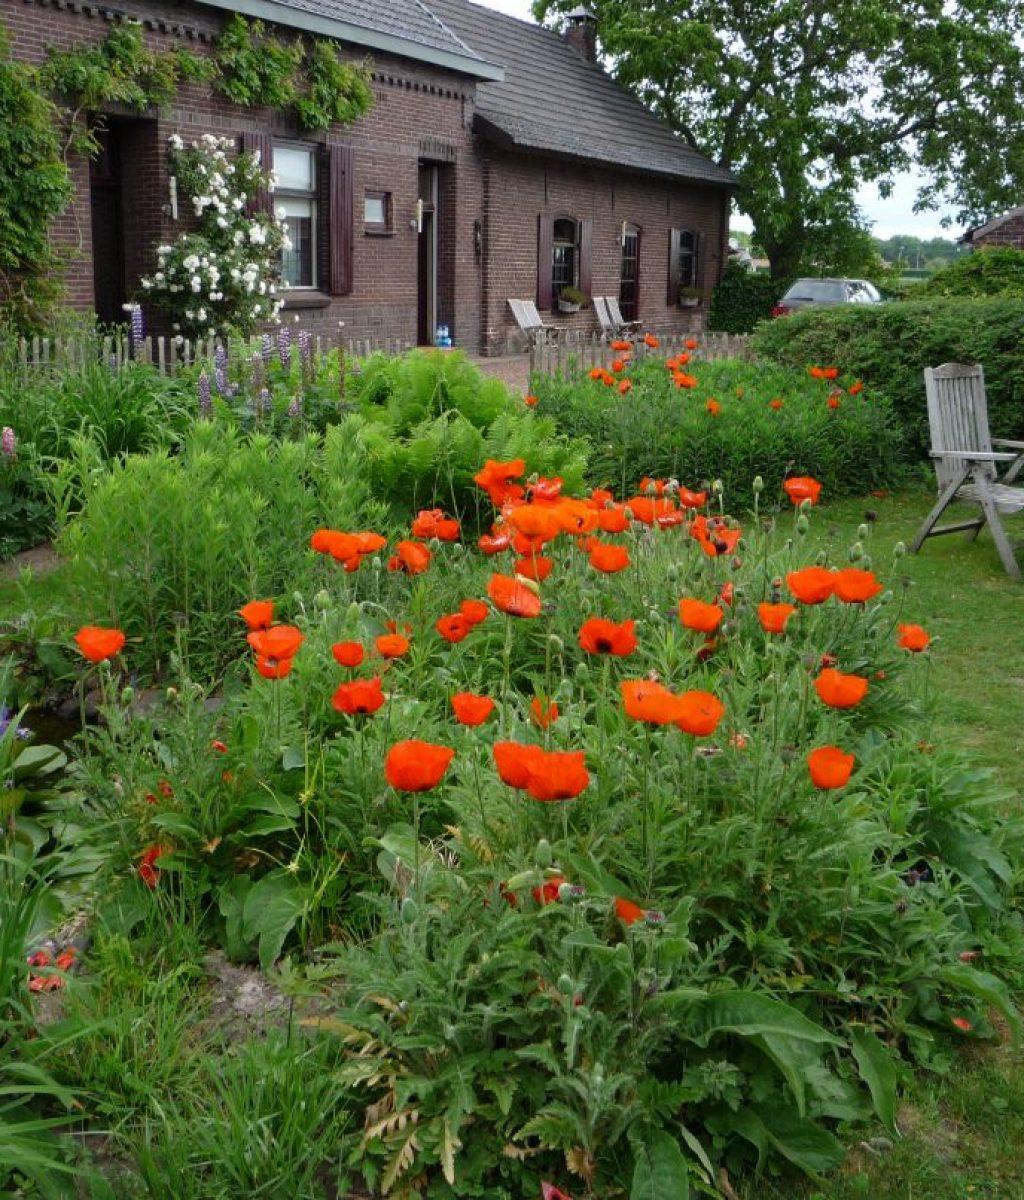 Tuin van Ku-Bez atelier - yoga studio - in Haler met oranje papavers op voorgrond